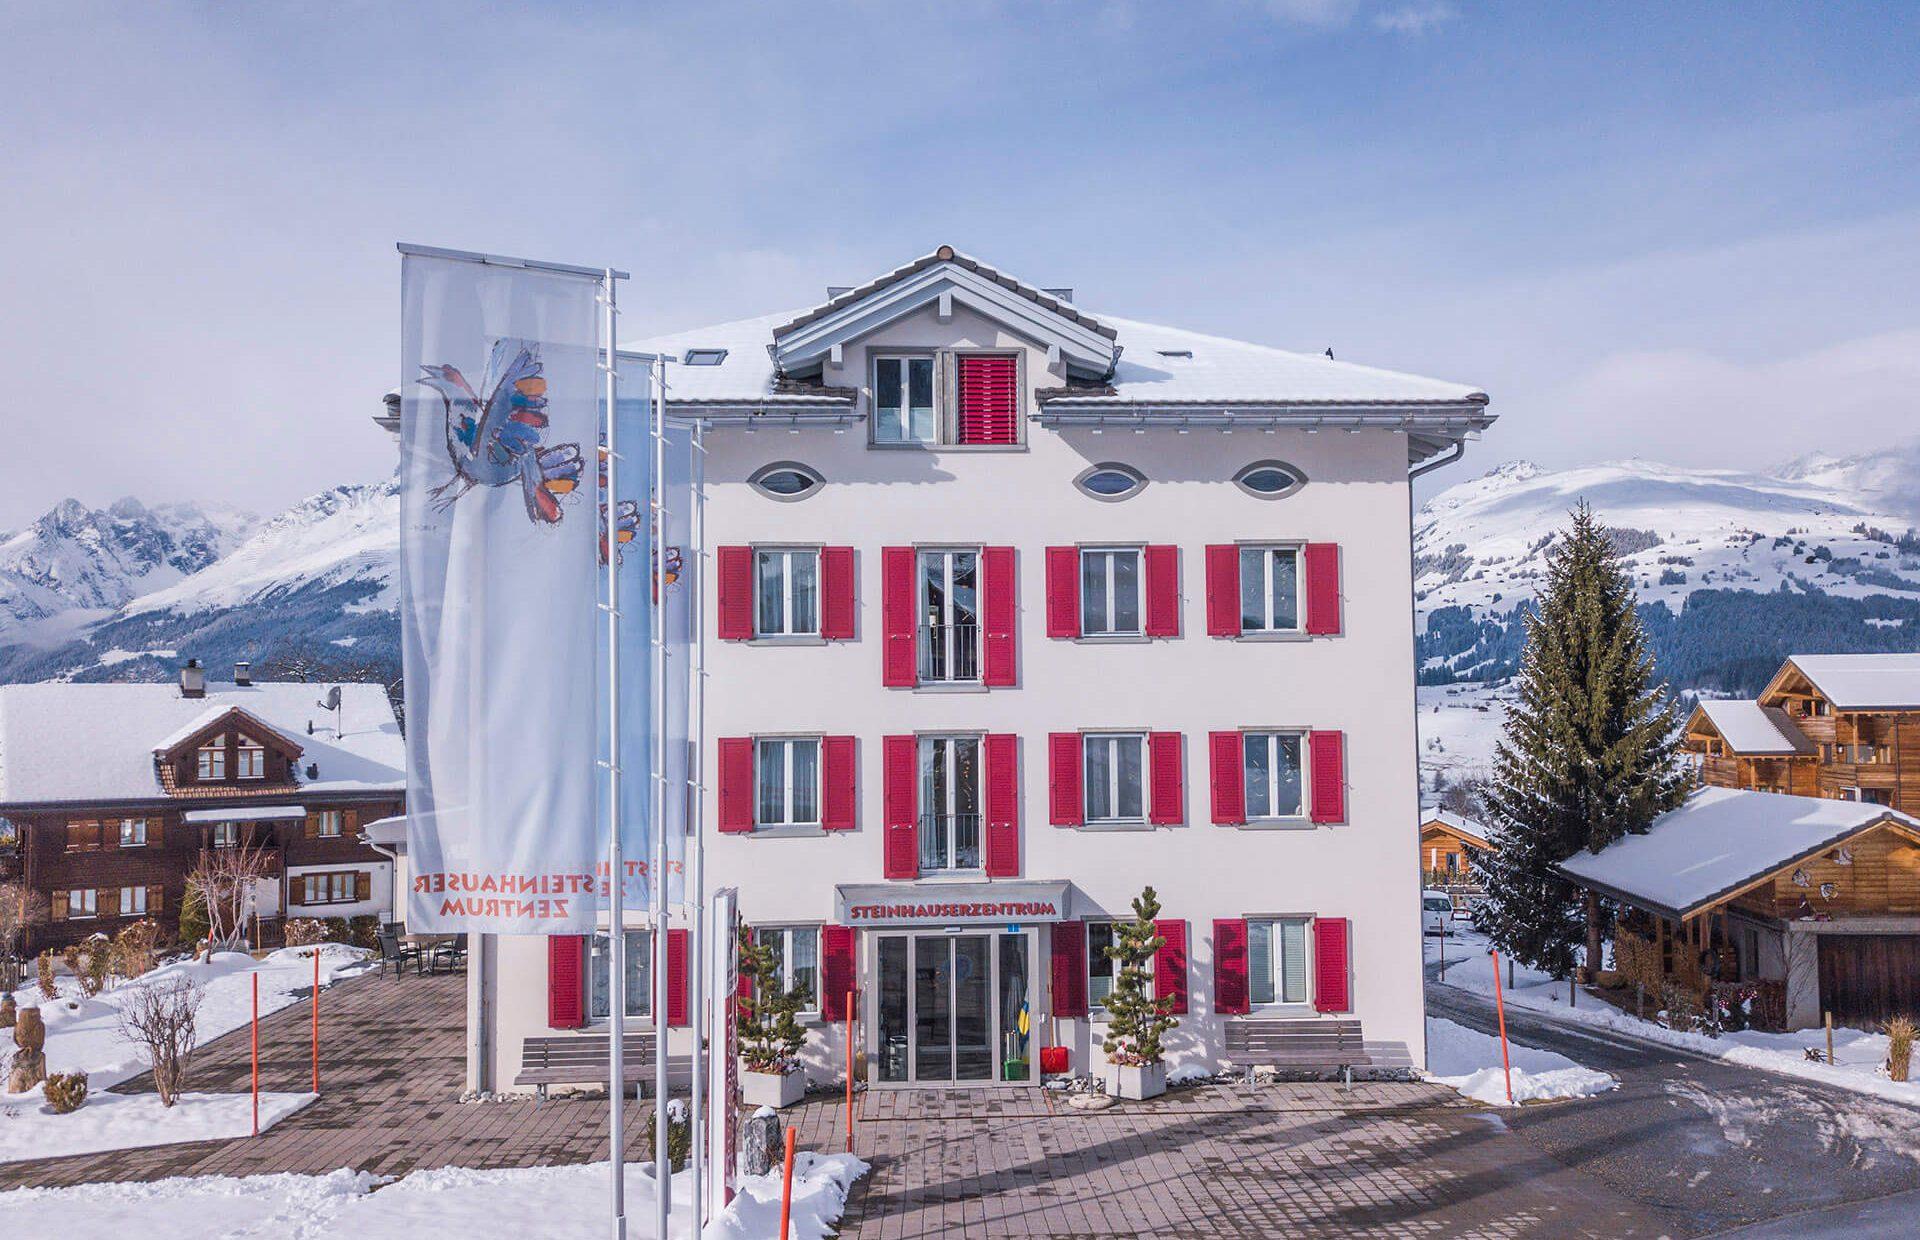 Steinhauser Zentrum Winter